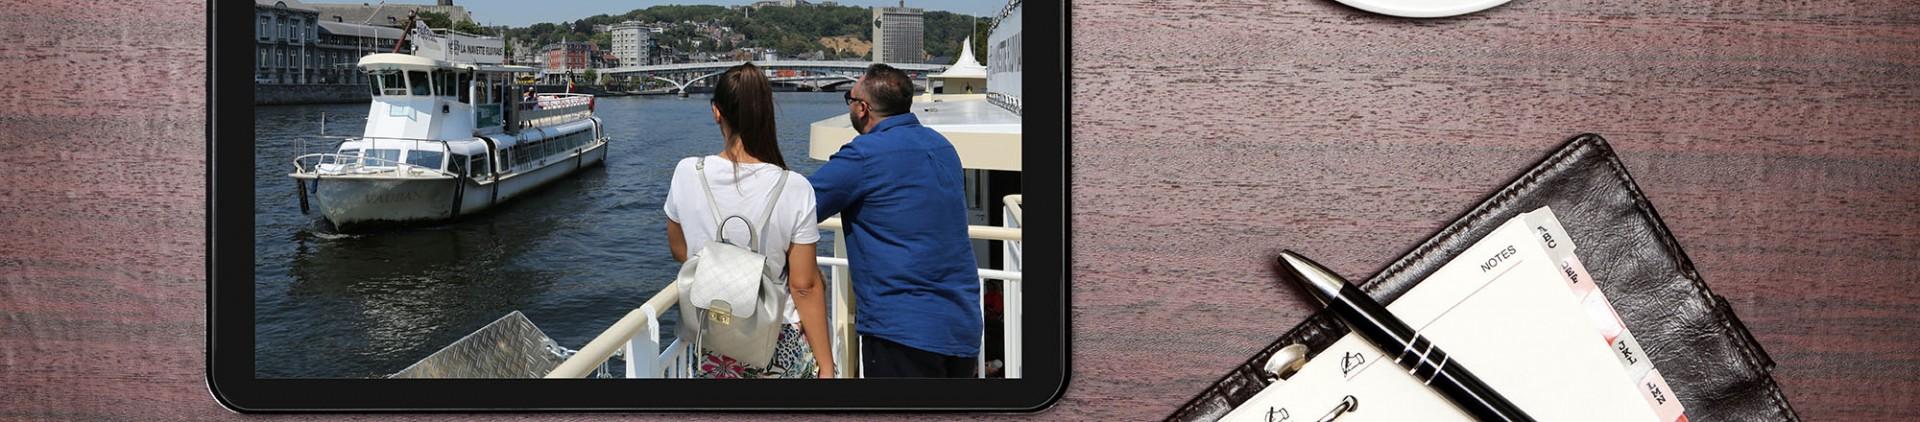 Newsletter mensuelle Fédération du Tourisme Province de Liège